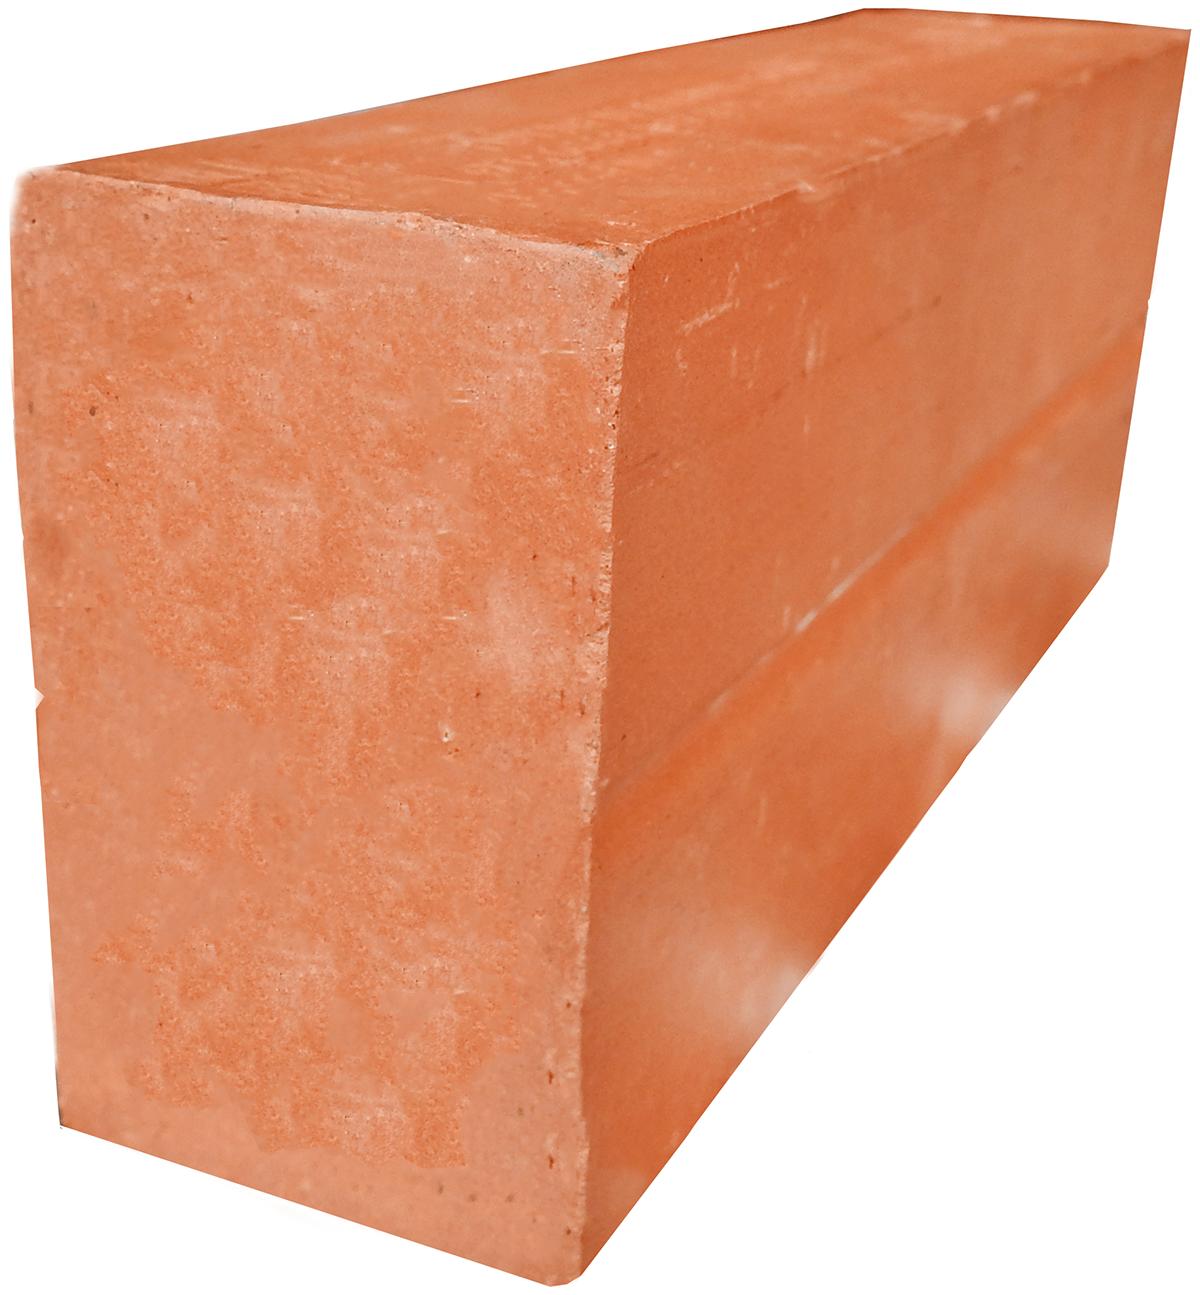 Gạch 2 lỗ được thiết kế đặc hoàn toàn. sử dụng ở các công trình chịu lực, chống thấm, bể nước, thi công xây hầm, móng nhà,...